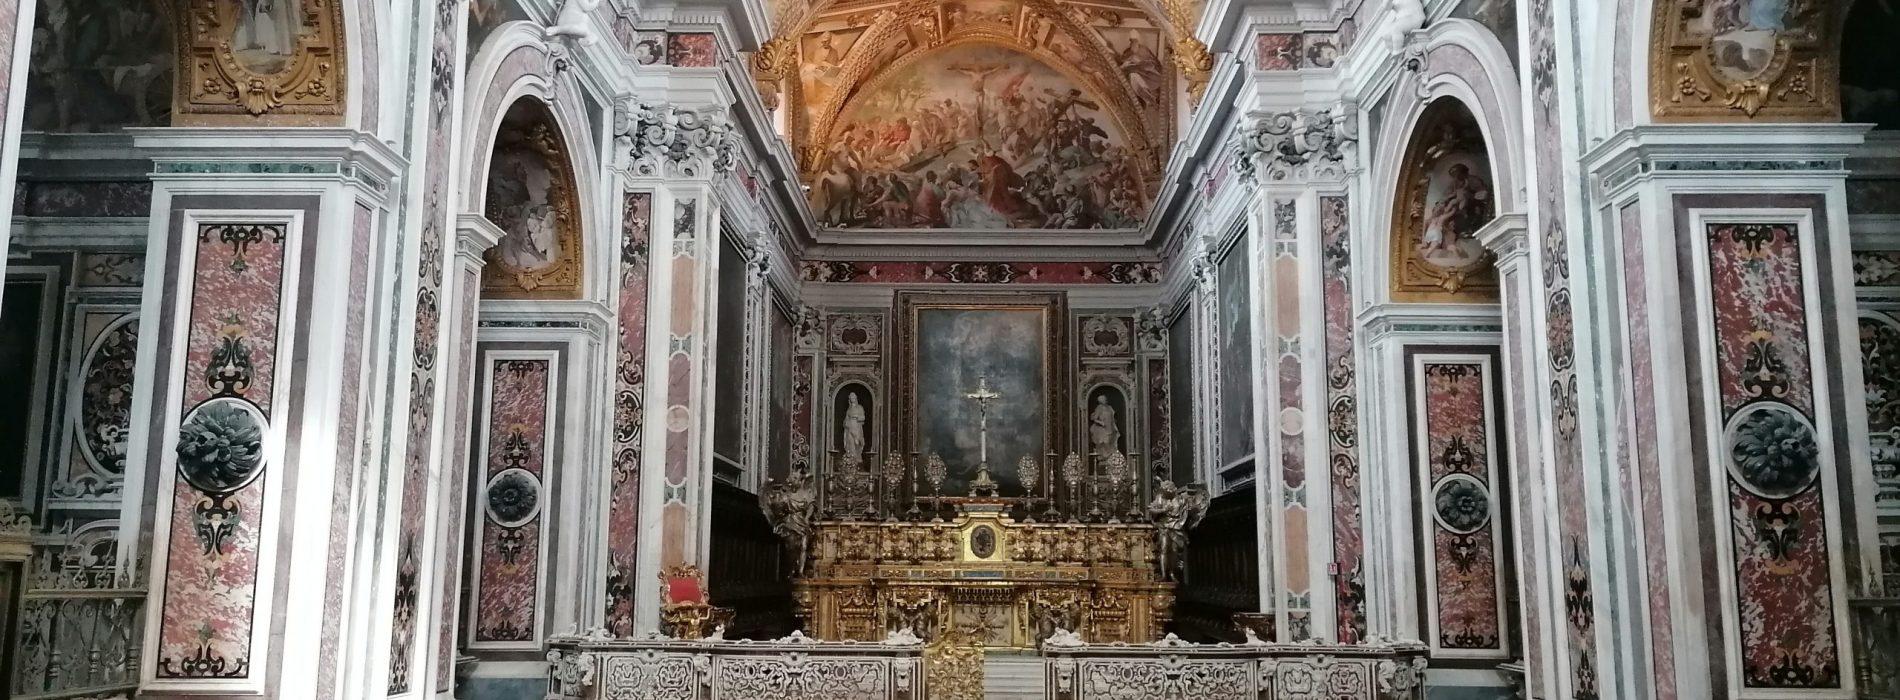 Giornate del Patrimonio, è presente la Certosa di San Martino